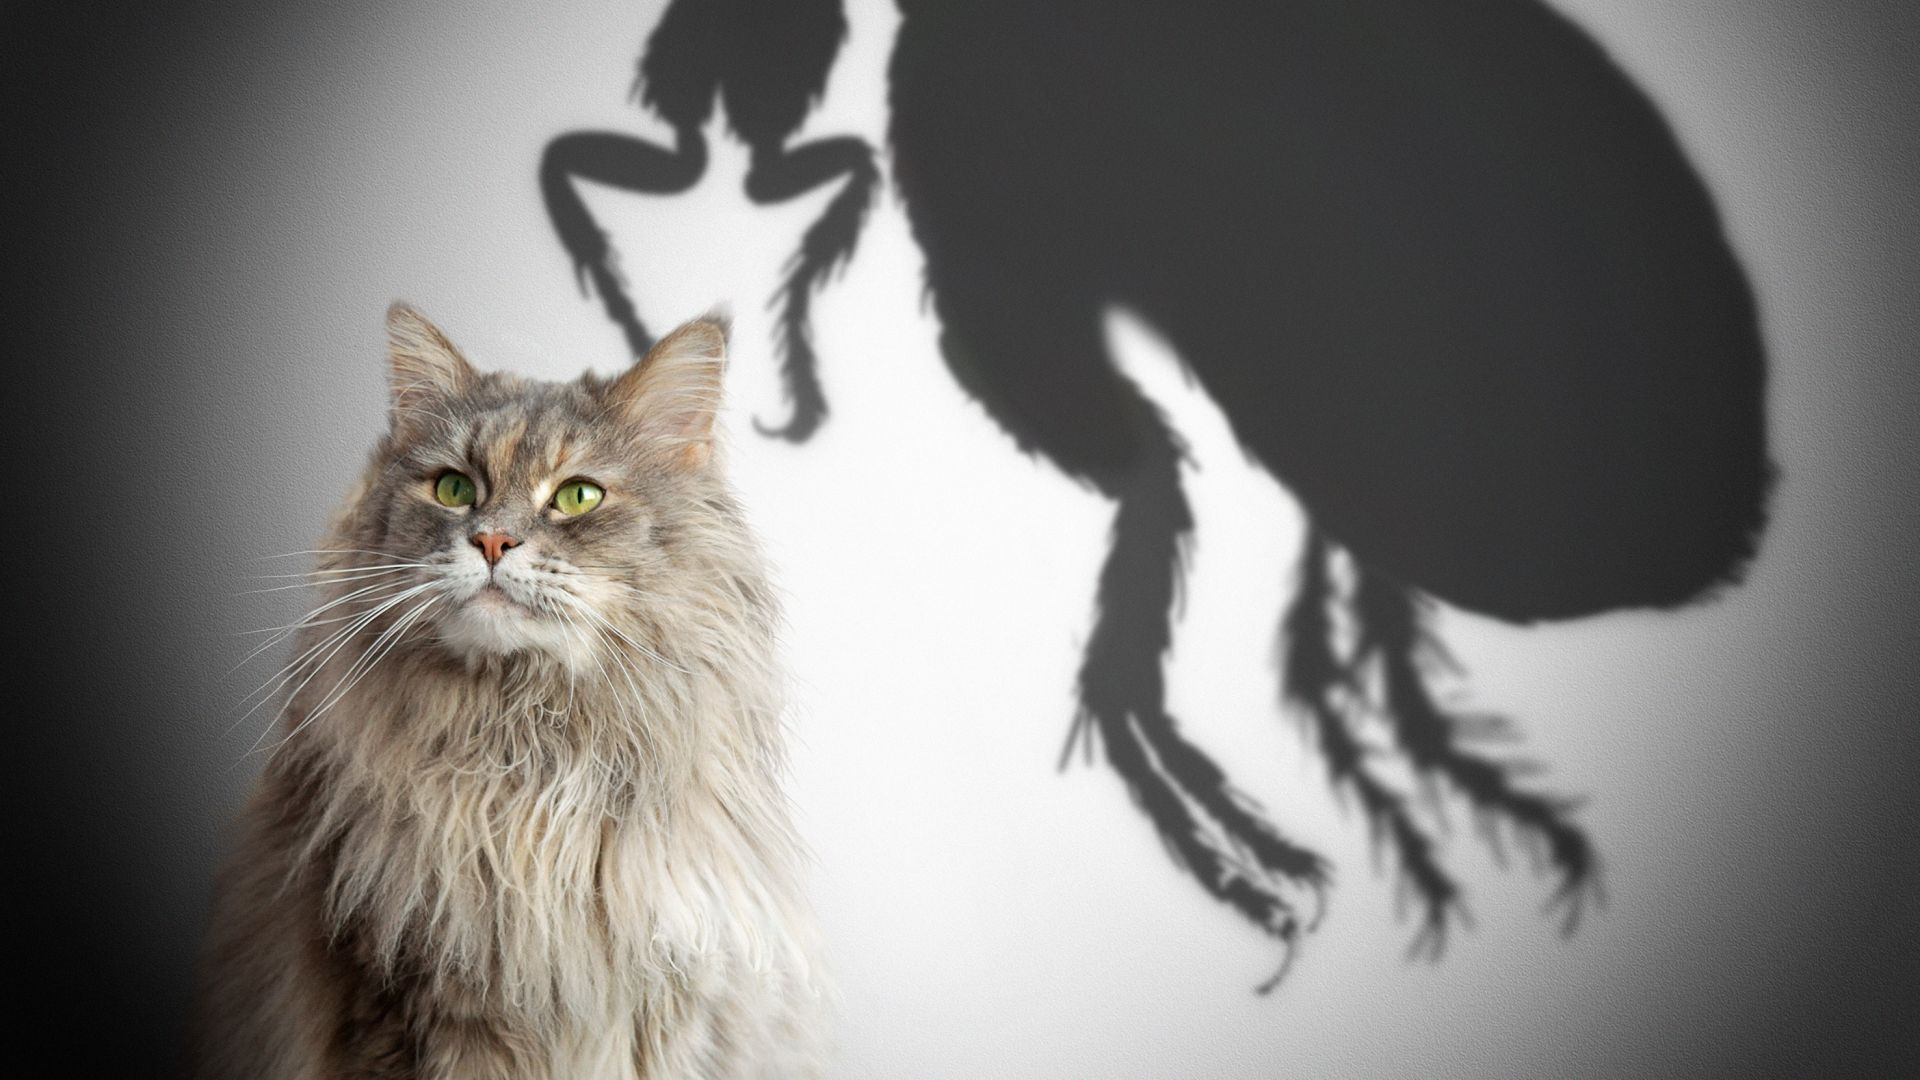 Бълхи, кърлежи и глисти - не искате това за вашата любима котка? Има решение